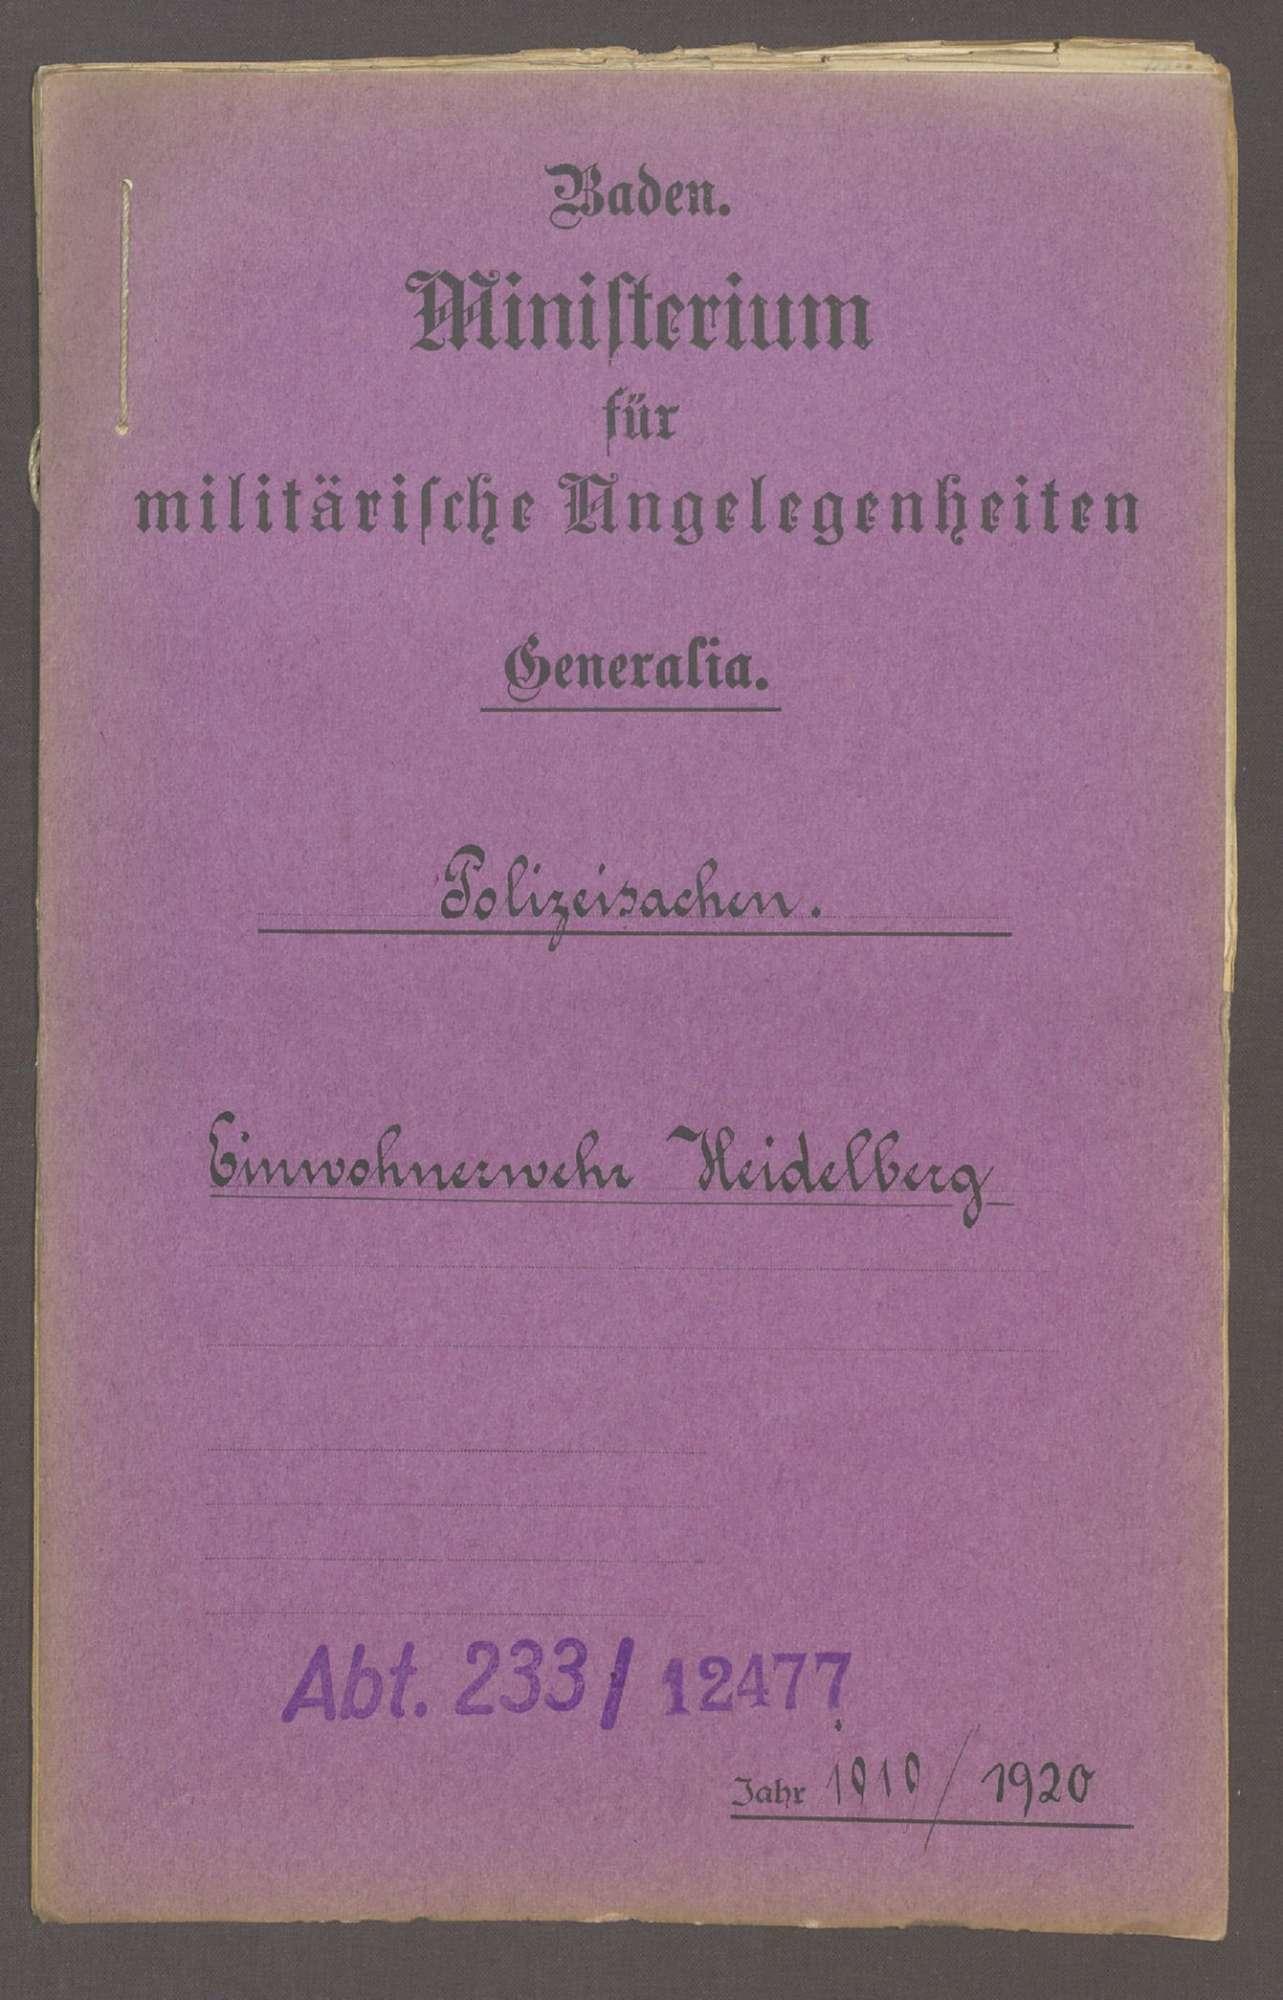 Die Einwohnerwehr in Heidelberg, Bild 1